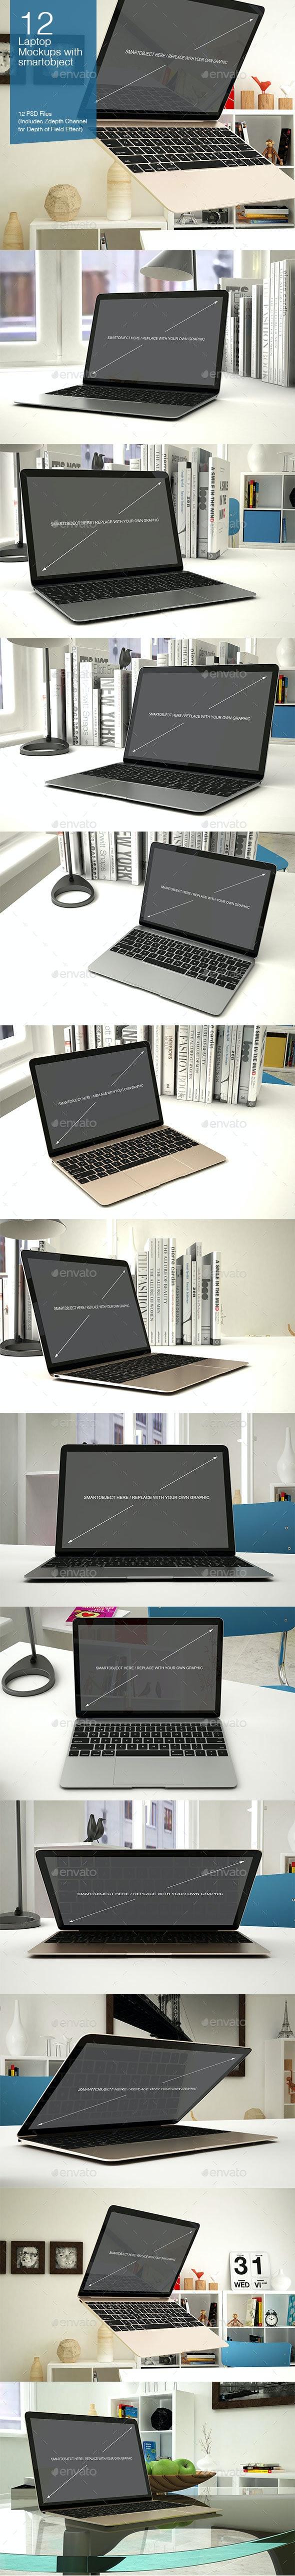 Laptop Mockup 12 Poses - Laptop Displays